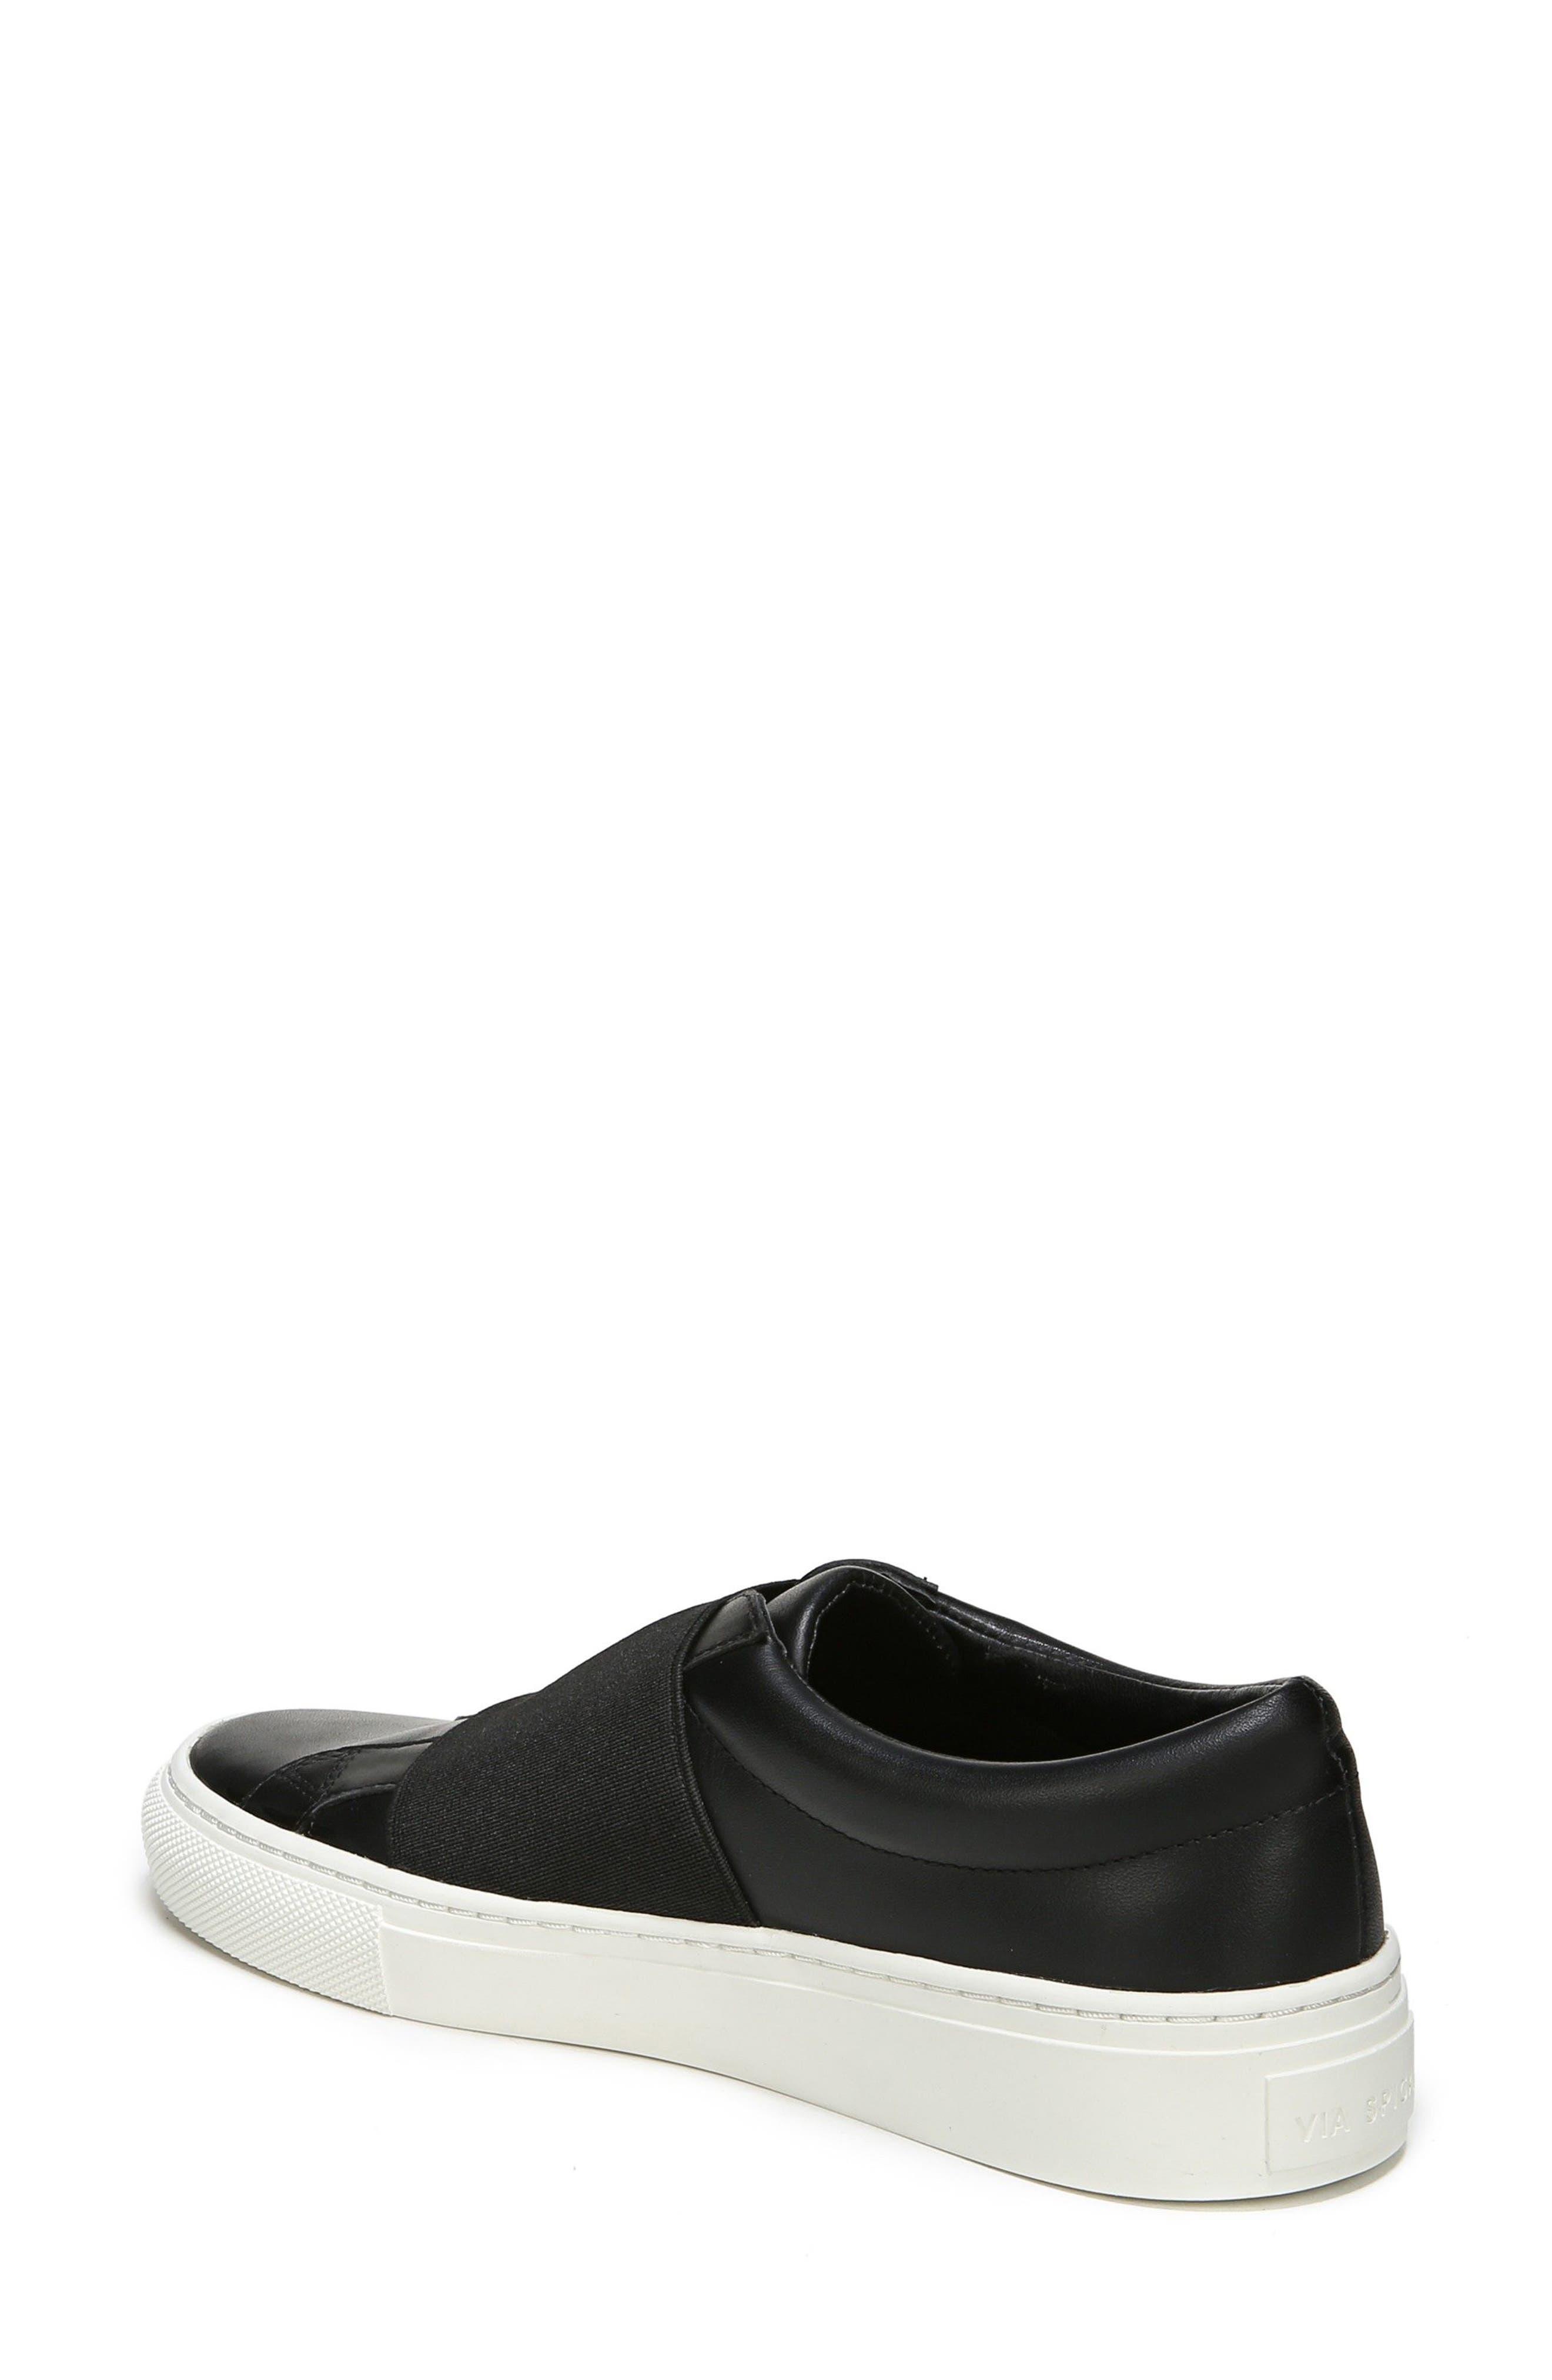 Saran Slip-On Sneaker,                             Alternate thumbnail 2, color,                             003